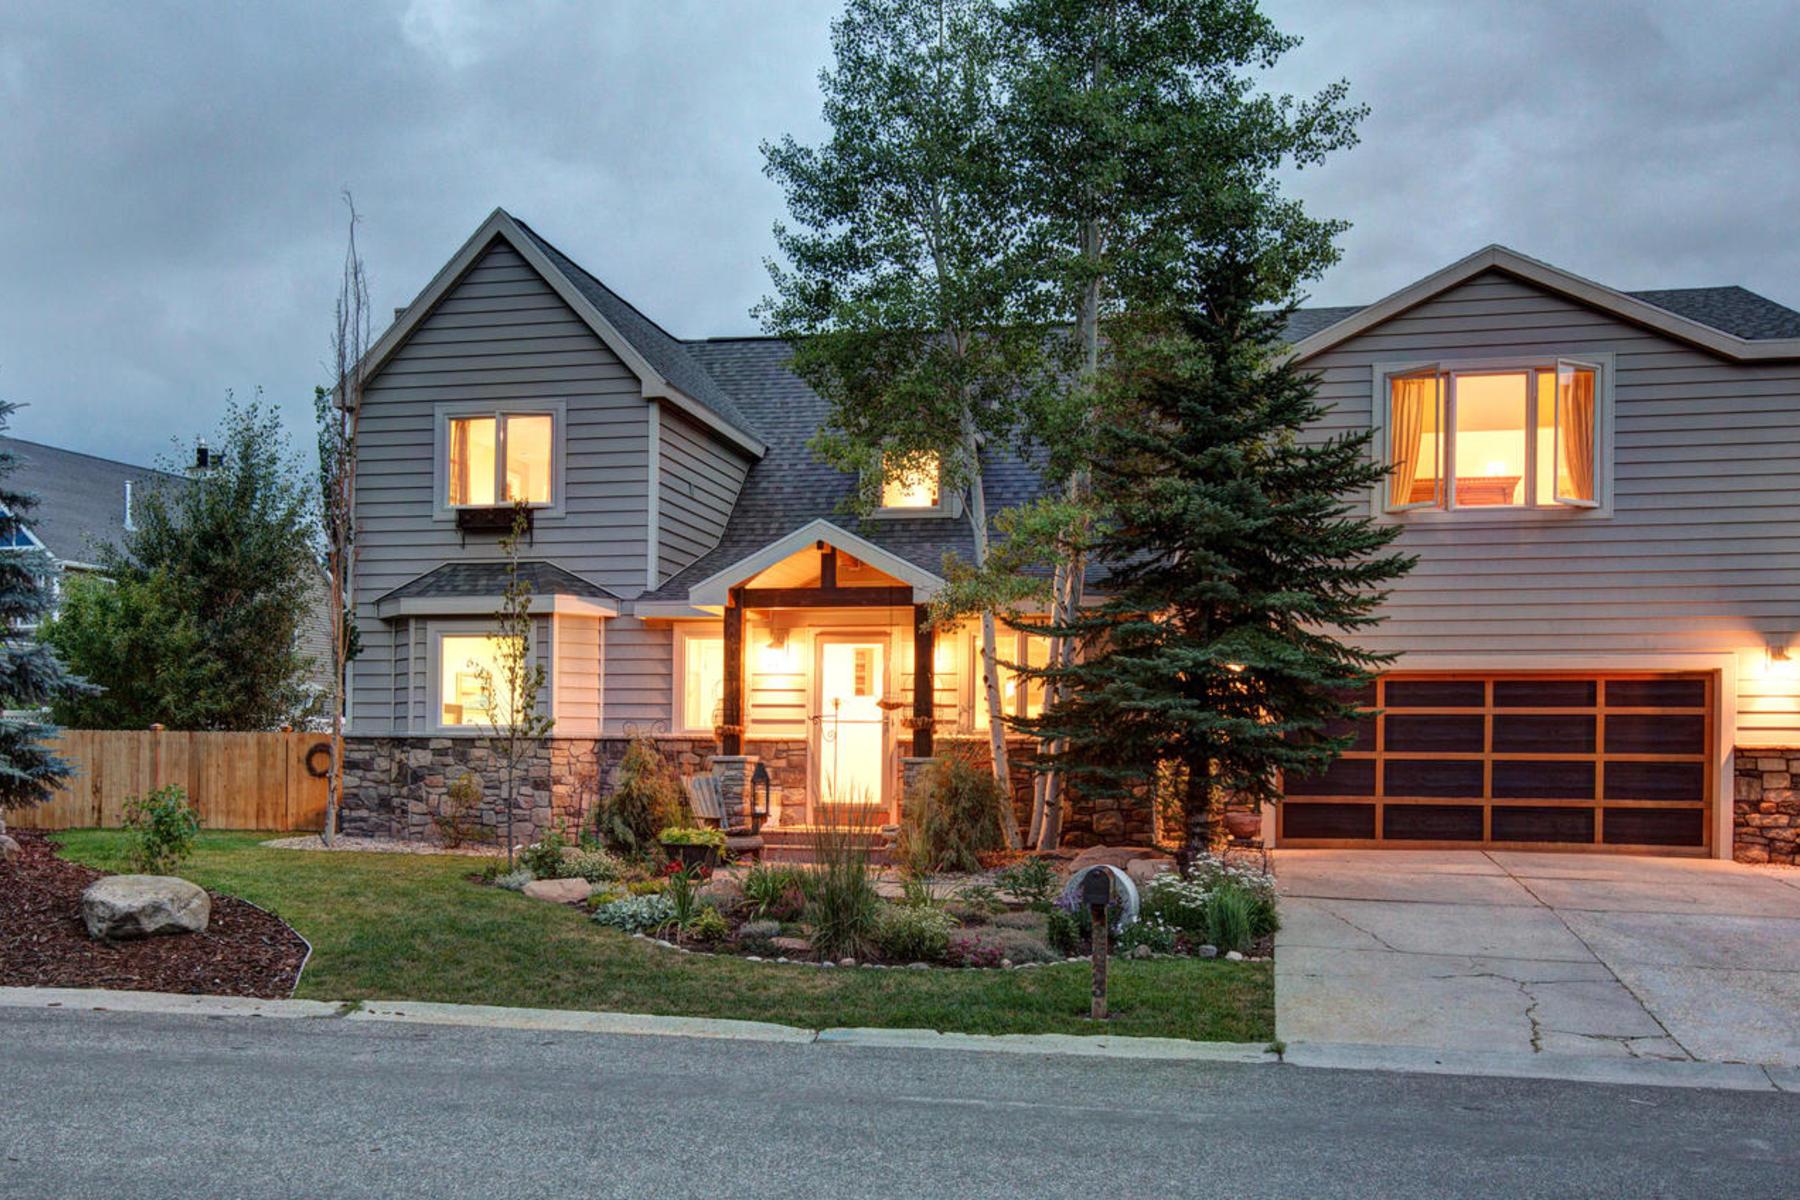 Maison unifamiliale pour l Vente à Gorgeous Remodel With In-Town Location 2533 Geronimo Ct Park City, Utah 84060 États-Unis